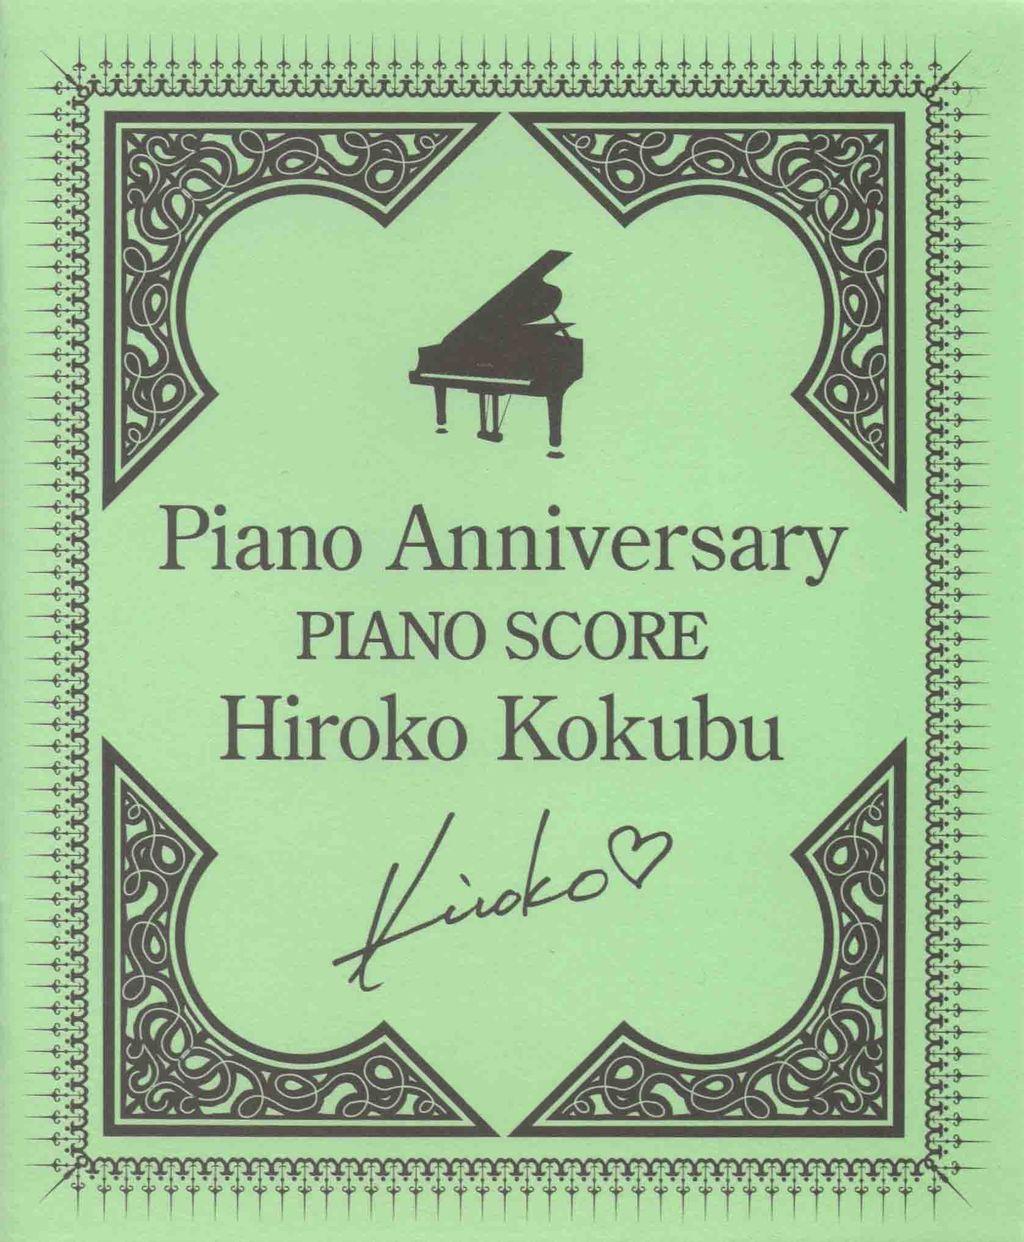 PIANO ANNIVERSARY-3